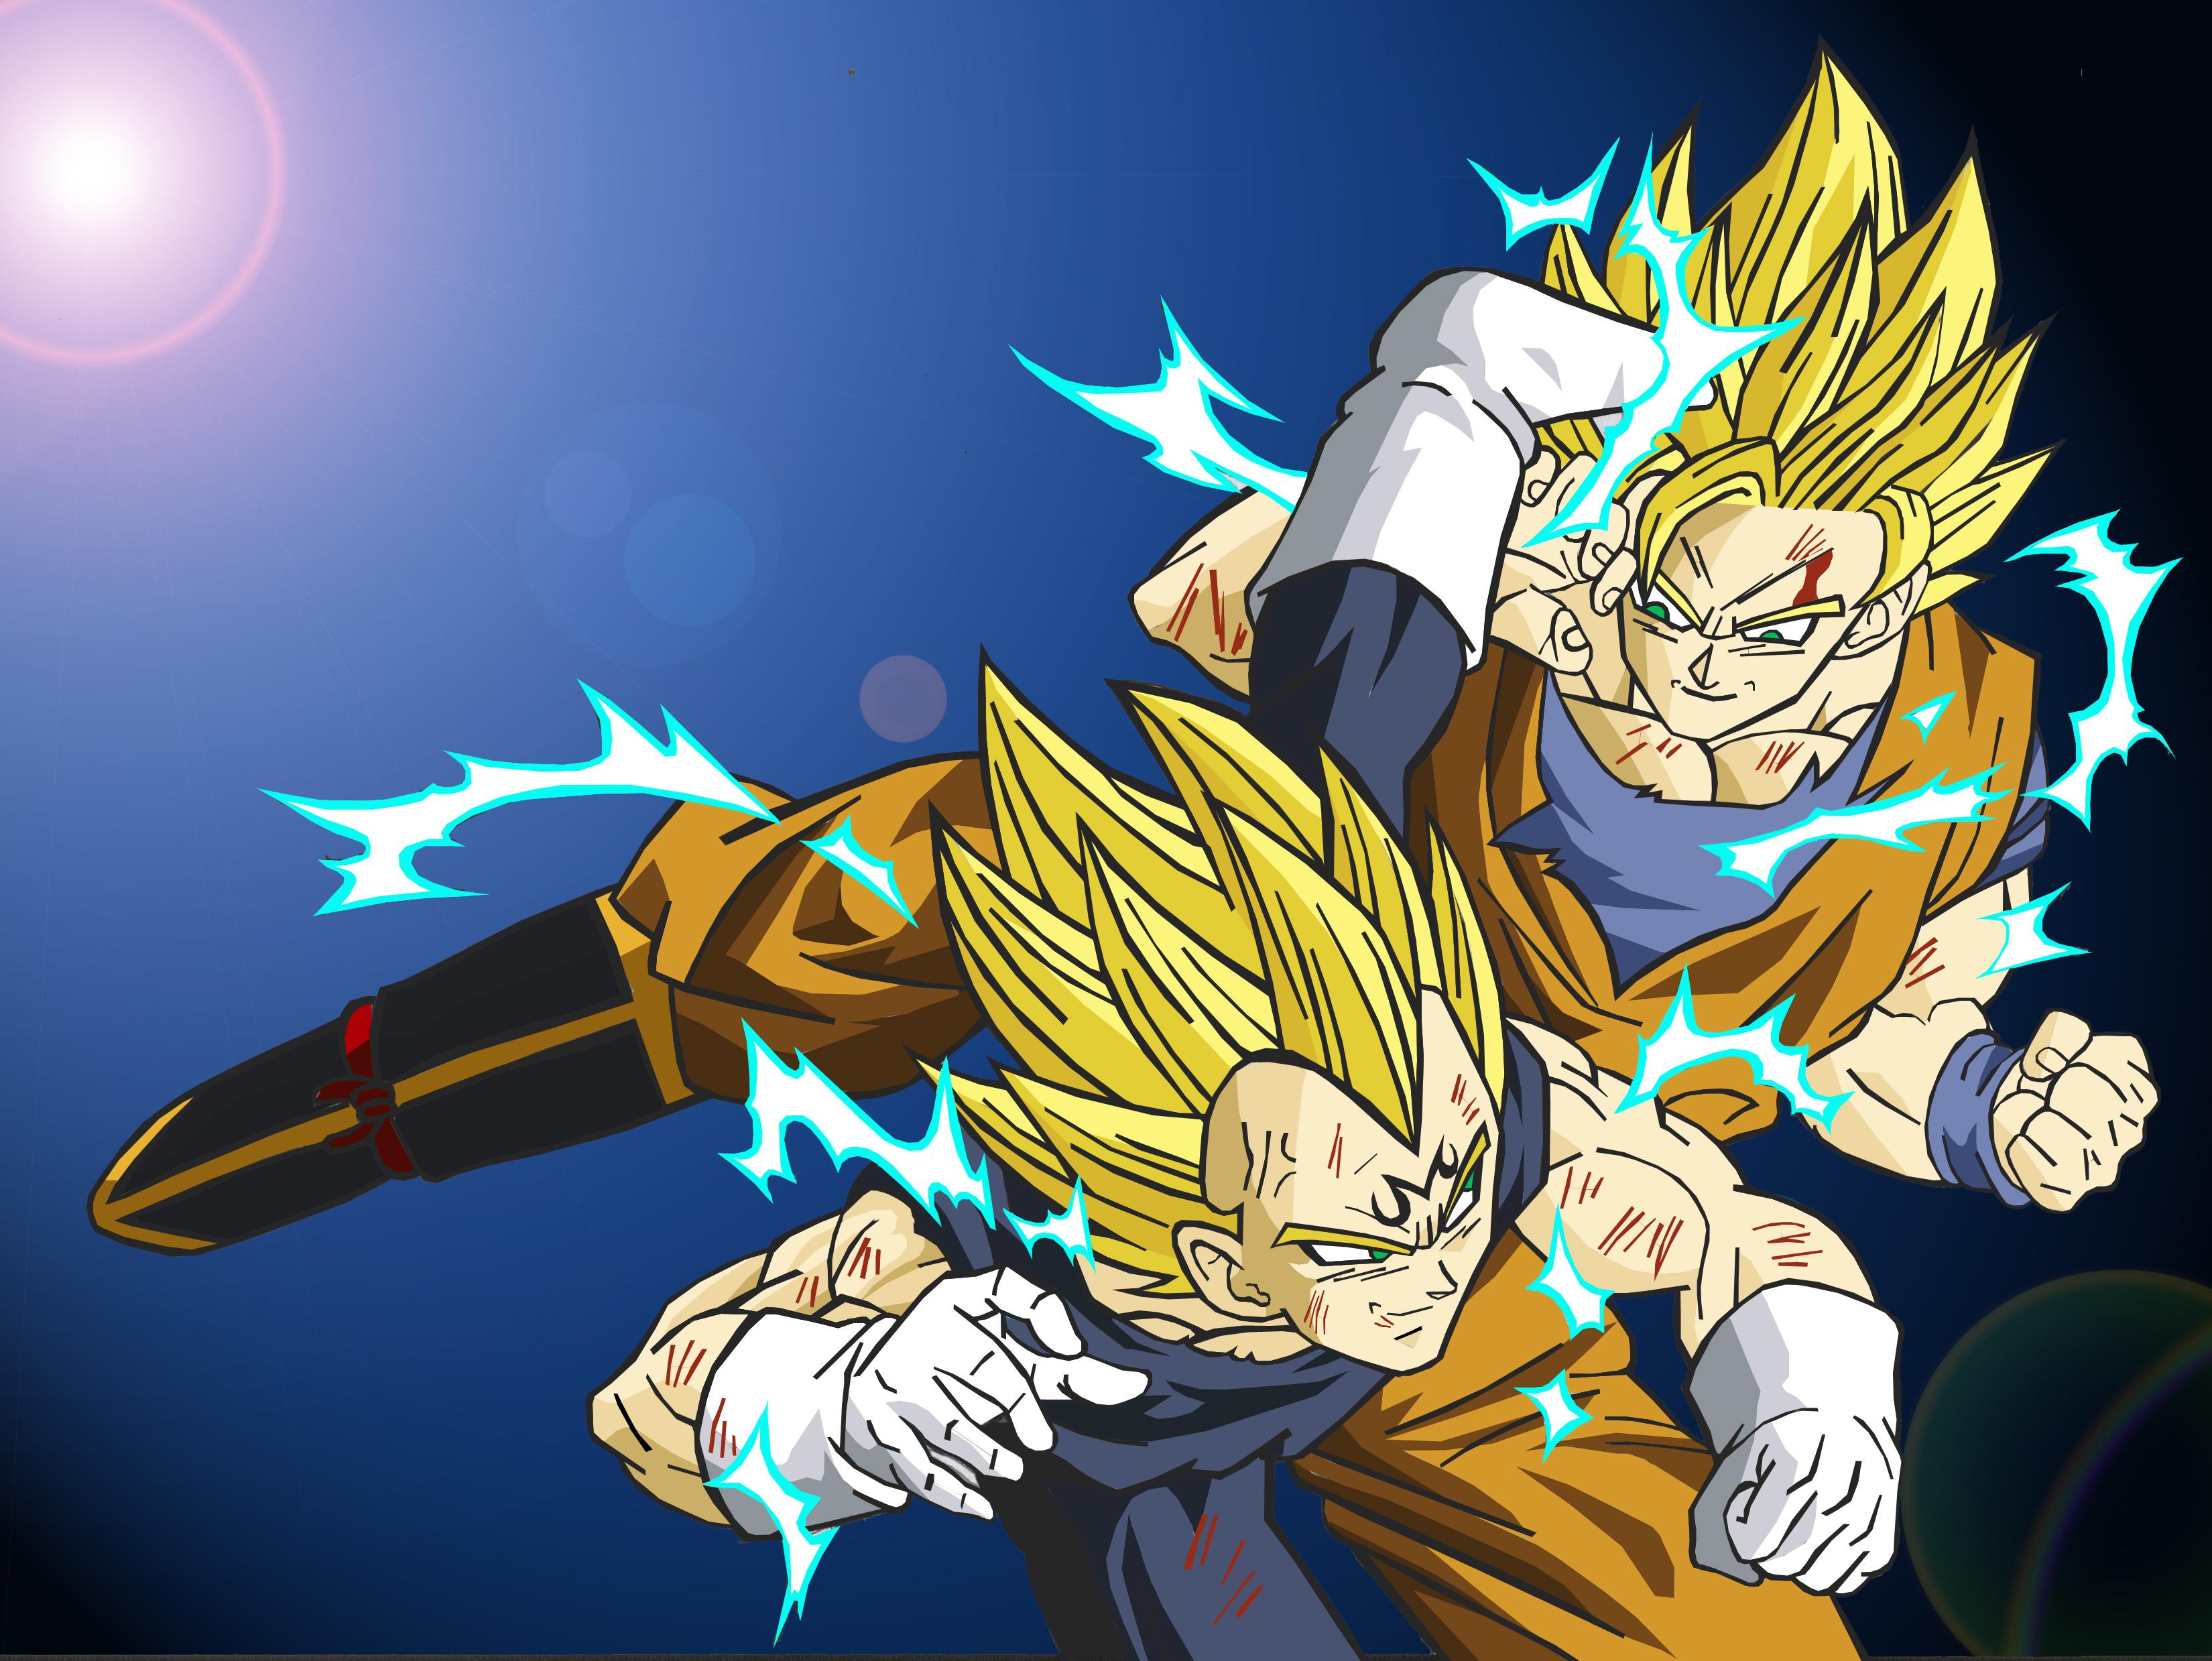 Imagenes De Goku Y Vegeta Car Tuning 3300x2478